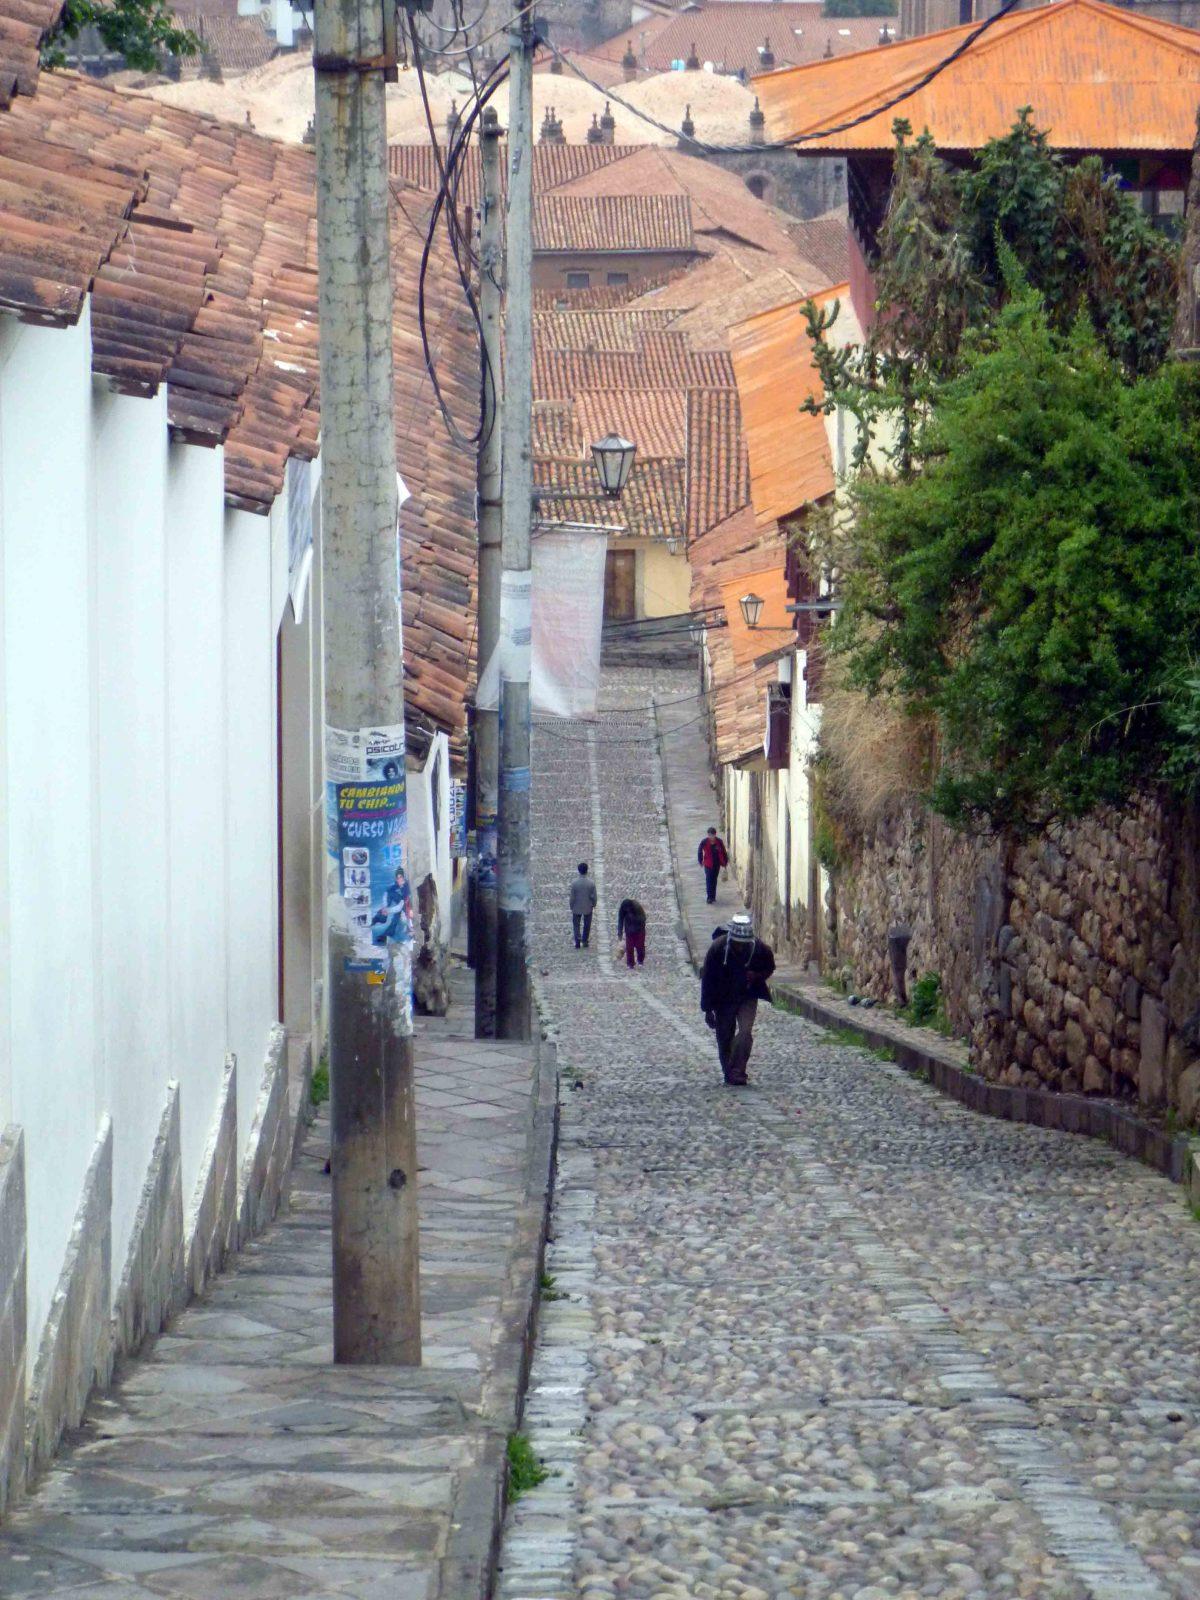 A cobblestone street in Cusco, Peru | ©Angela Drake